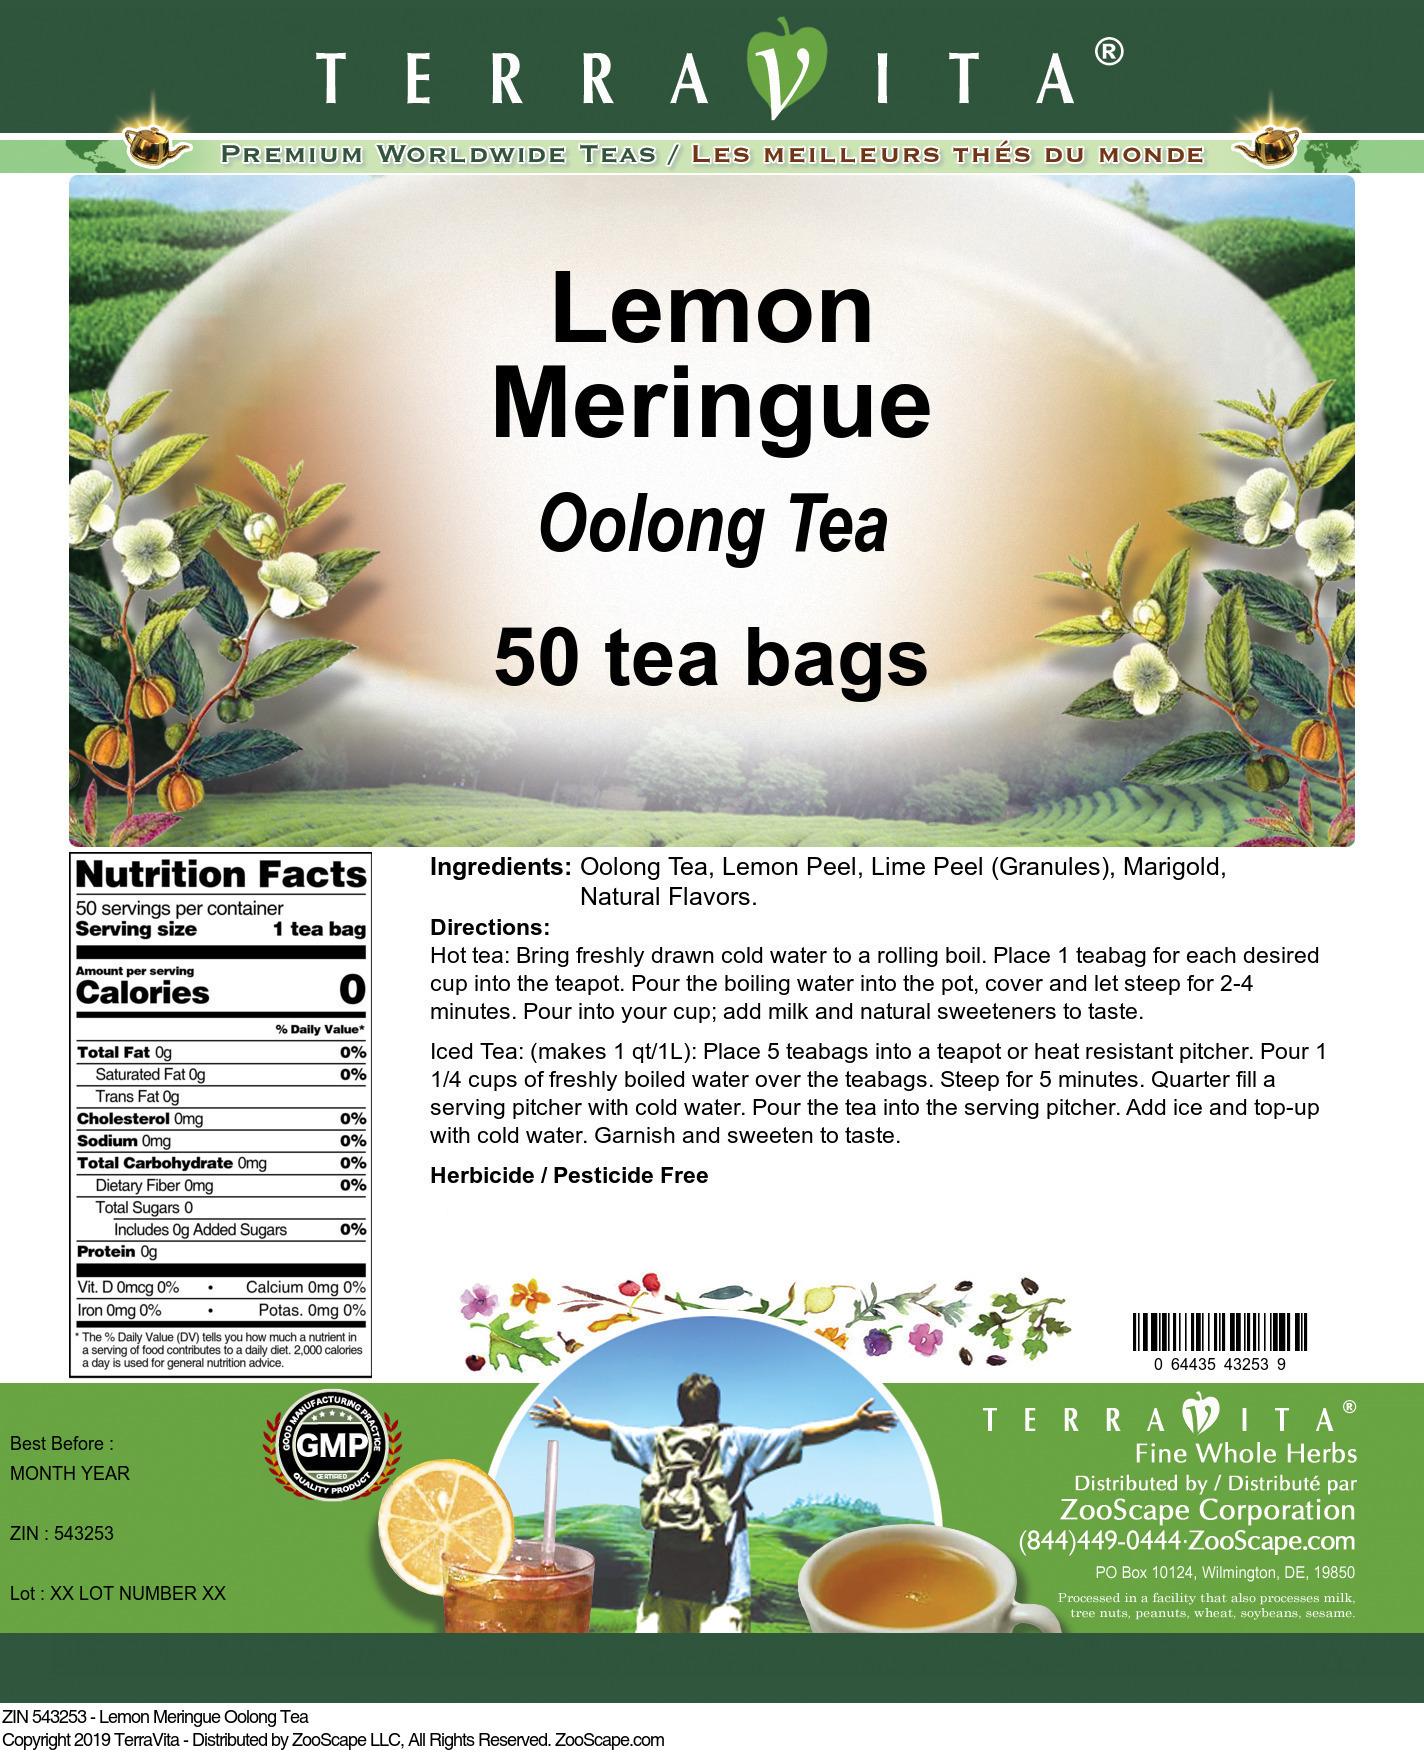 Lemon Meringue Oolong Tea